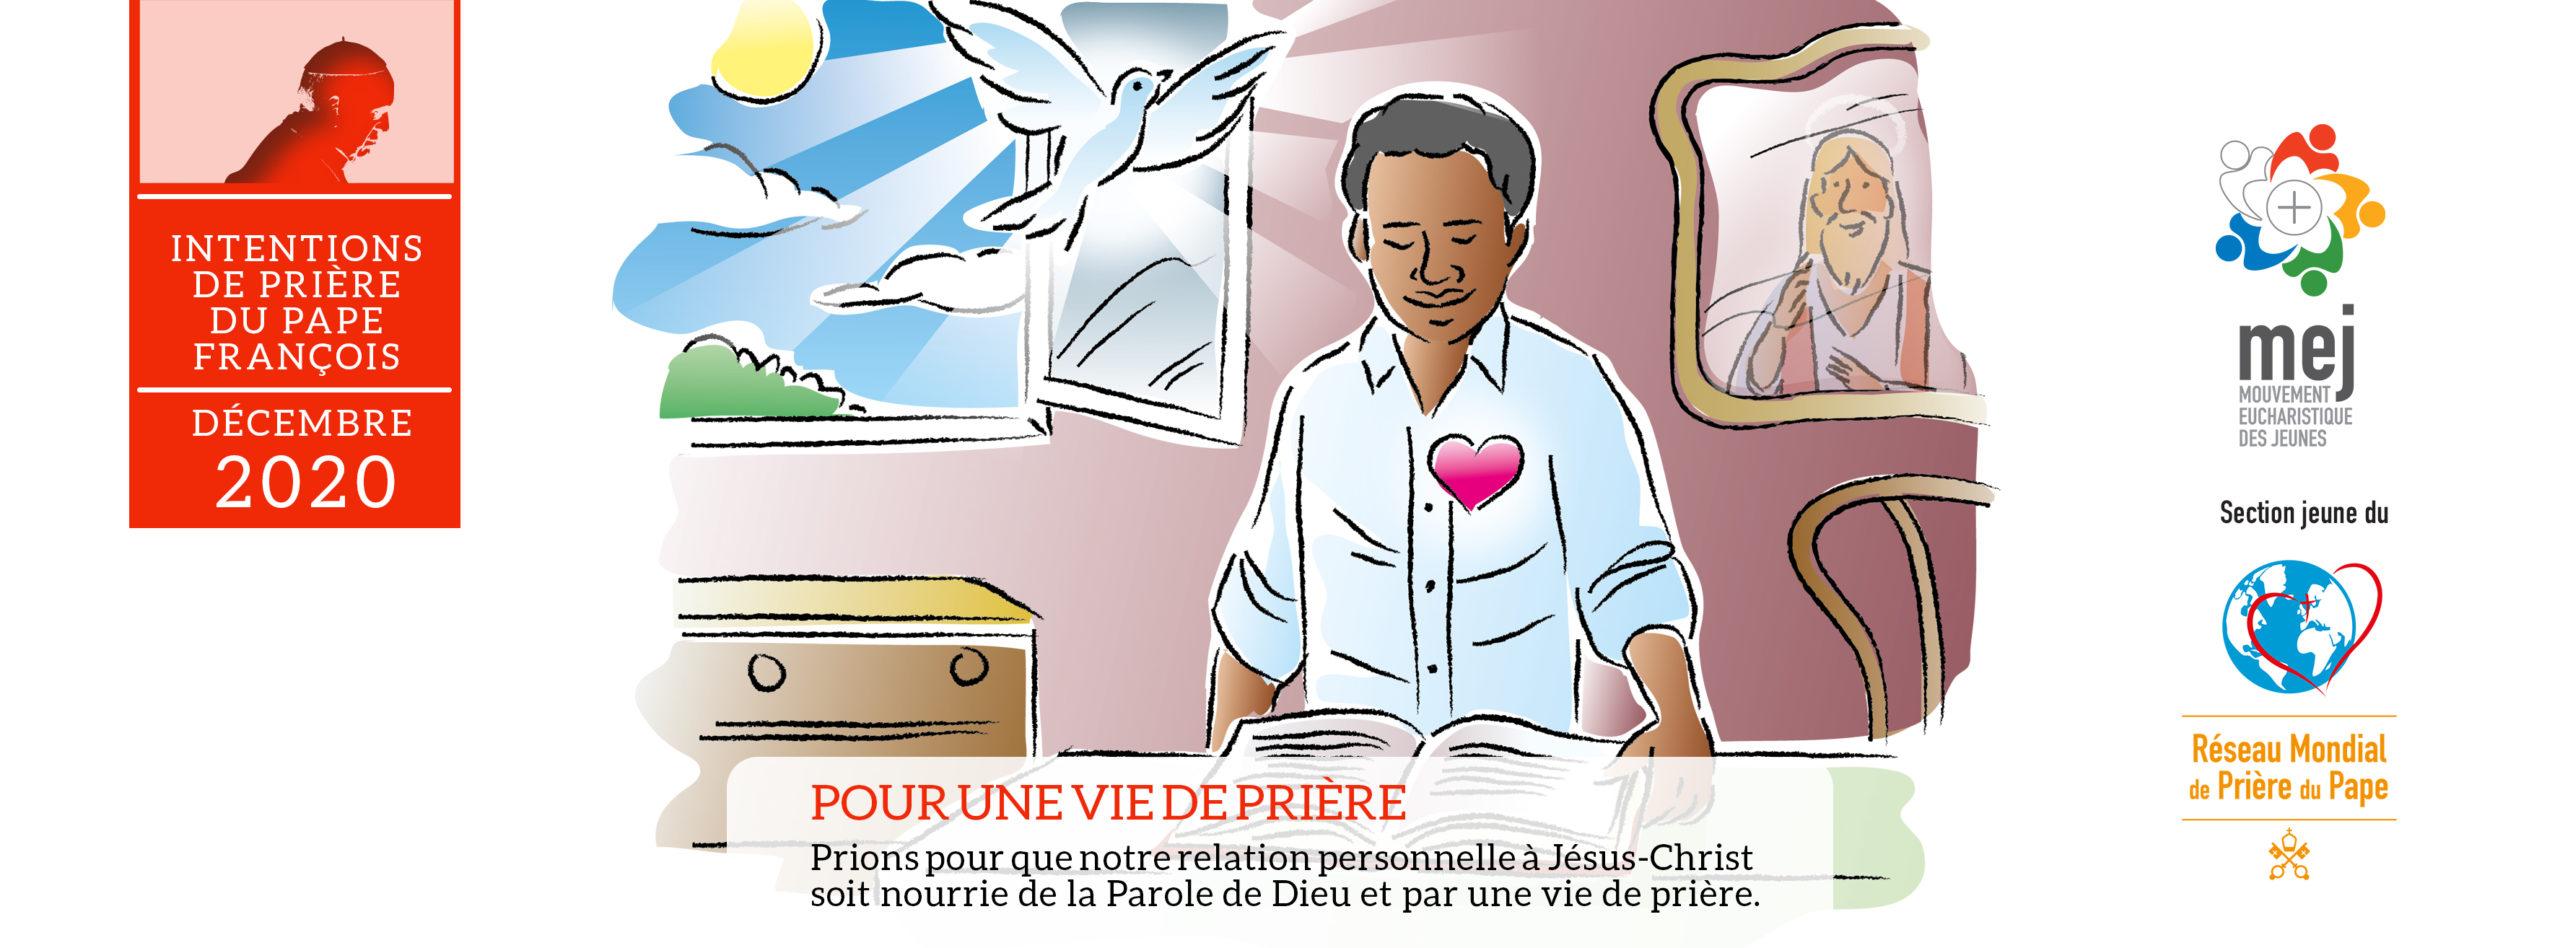 Intention de prière décembre 2020 Illustration